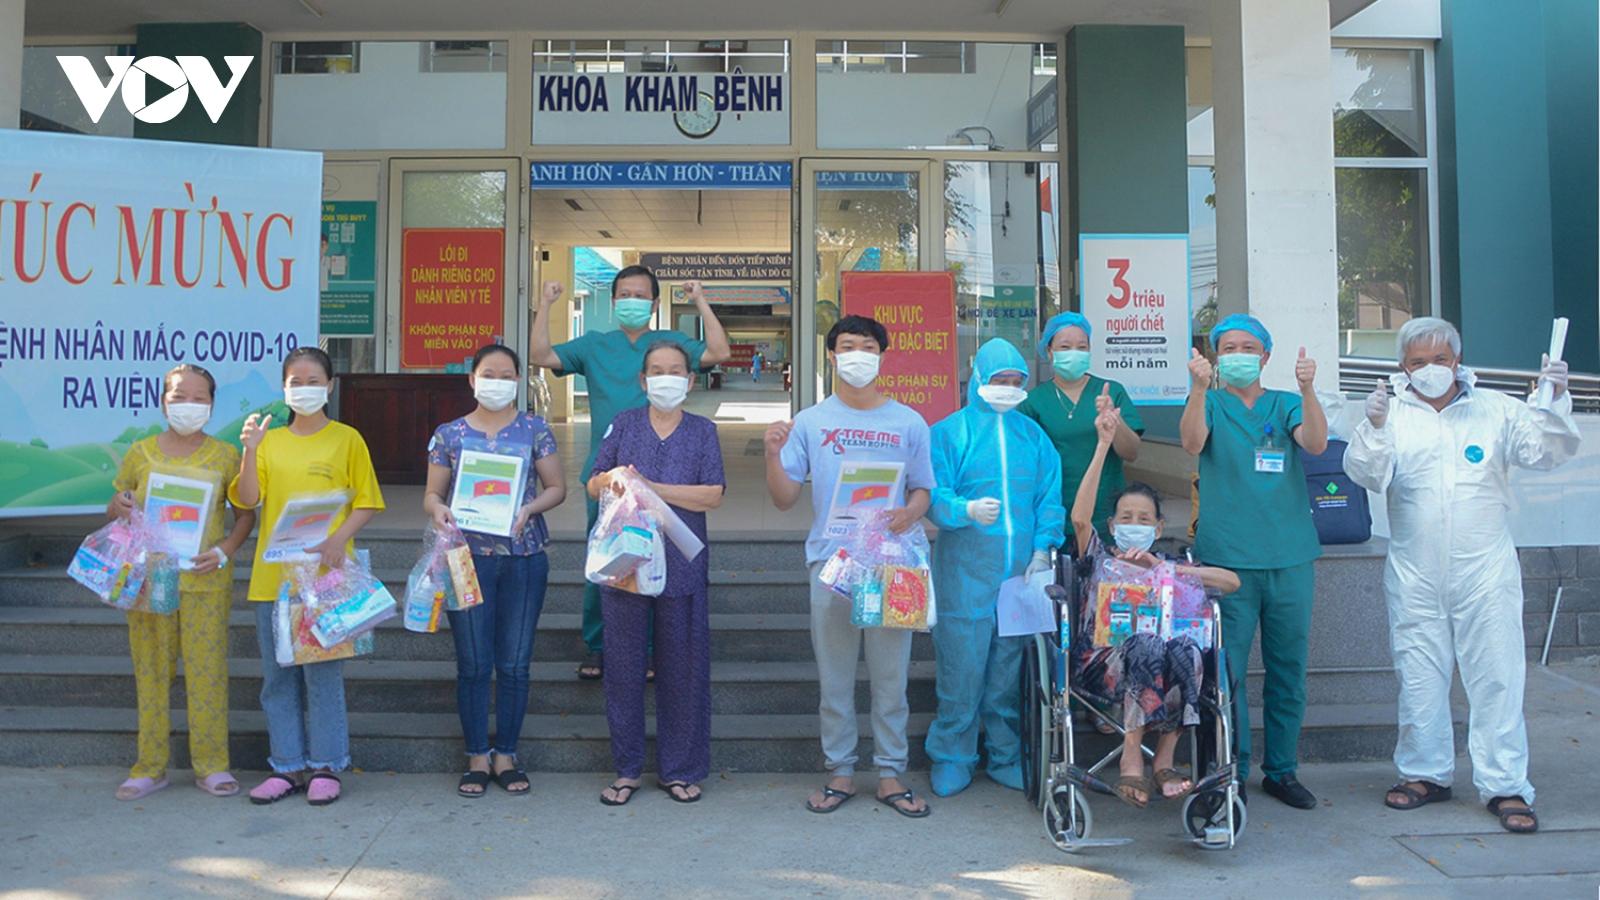 10 bệnh nhân ở Đà Nẵng đã hết Covid-19 và xuất viện